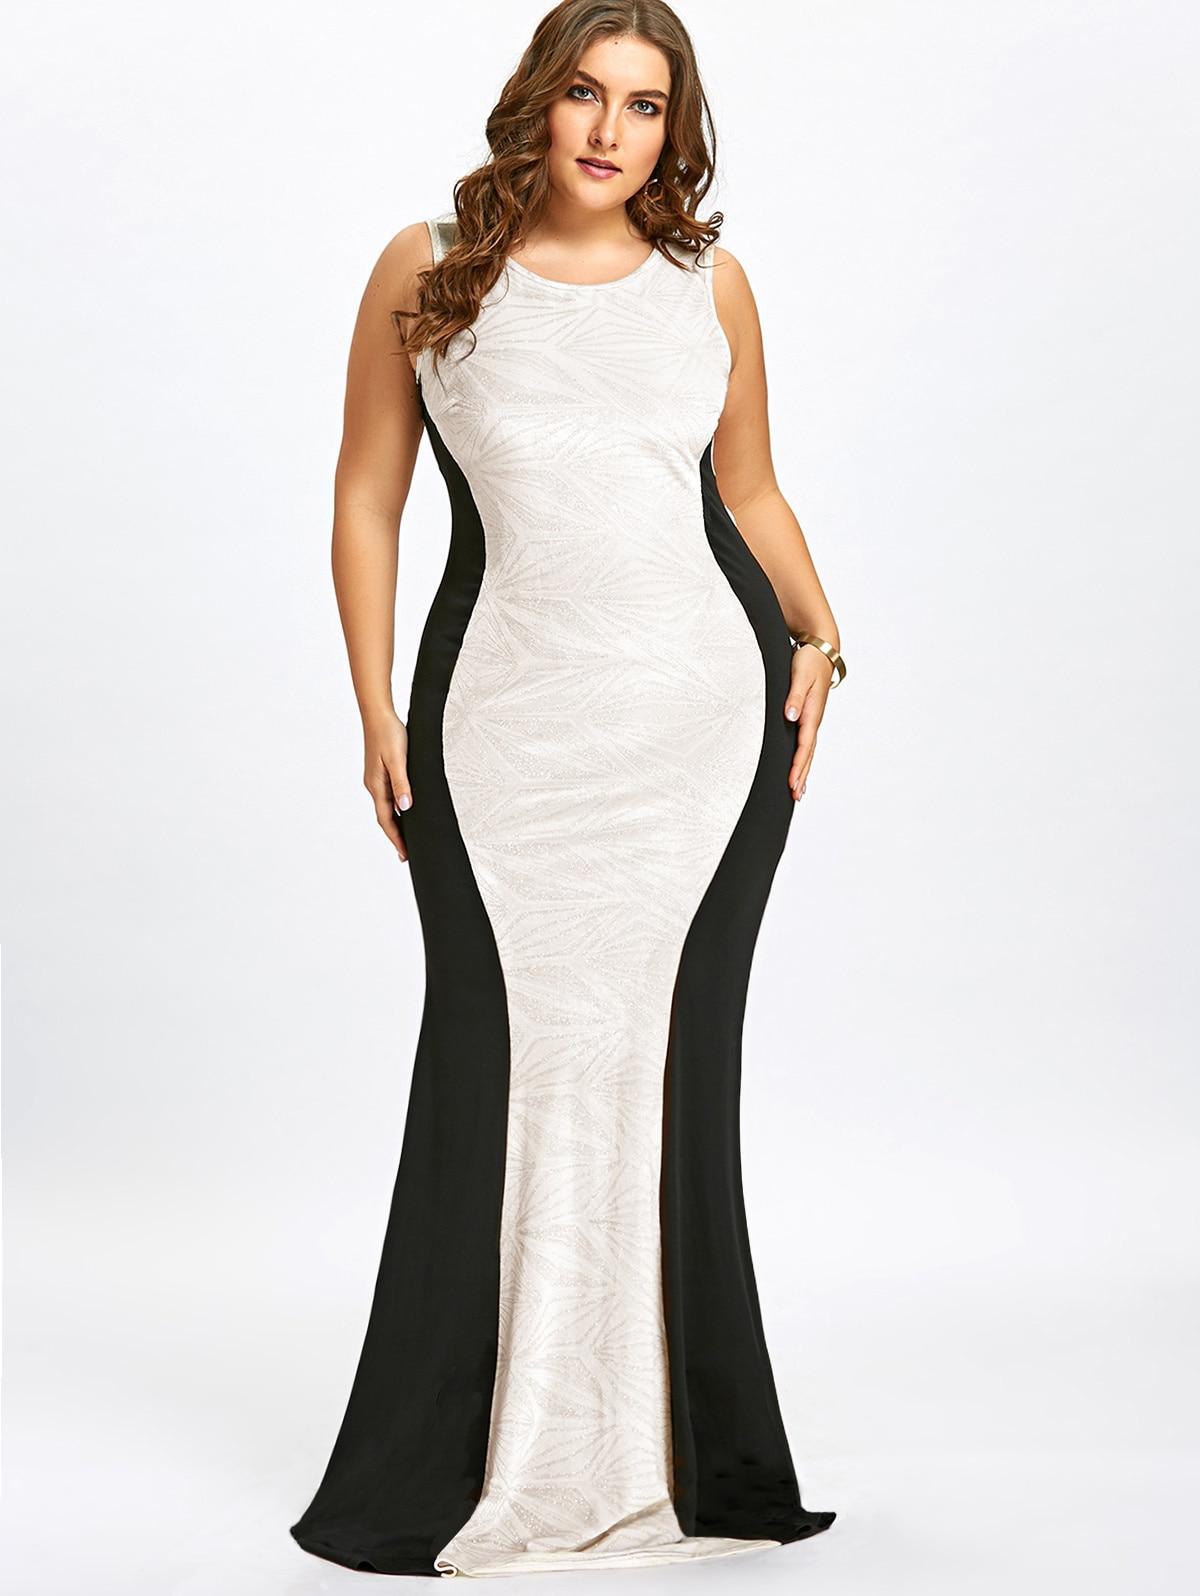 Women Sleeveless Dress Sequins Collar Maxi Evening Party Dress Plus Size XL-5XL